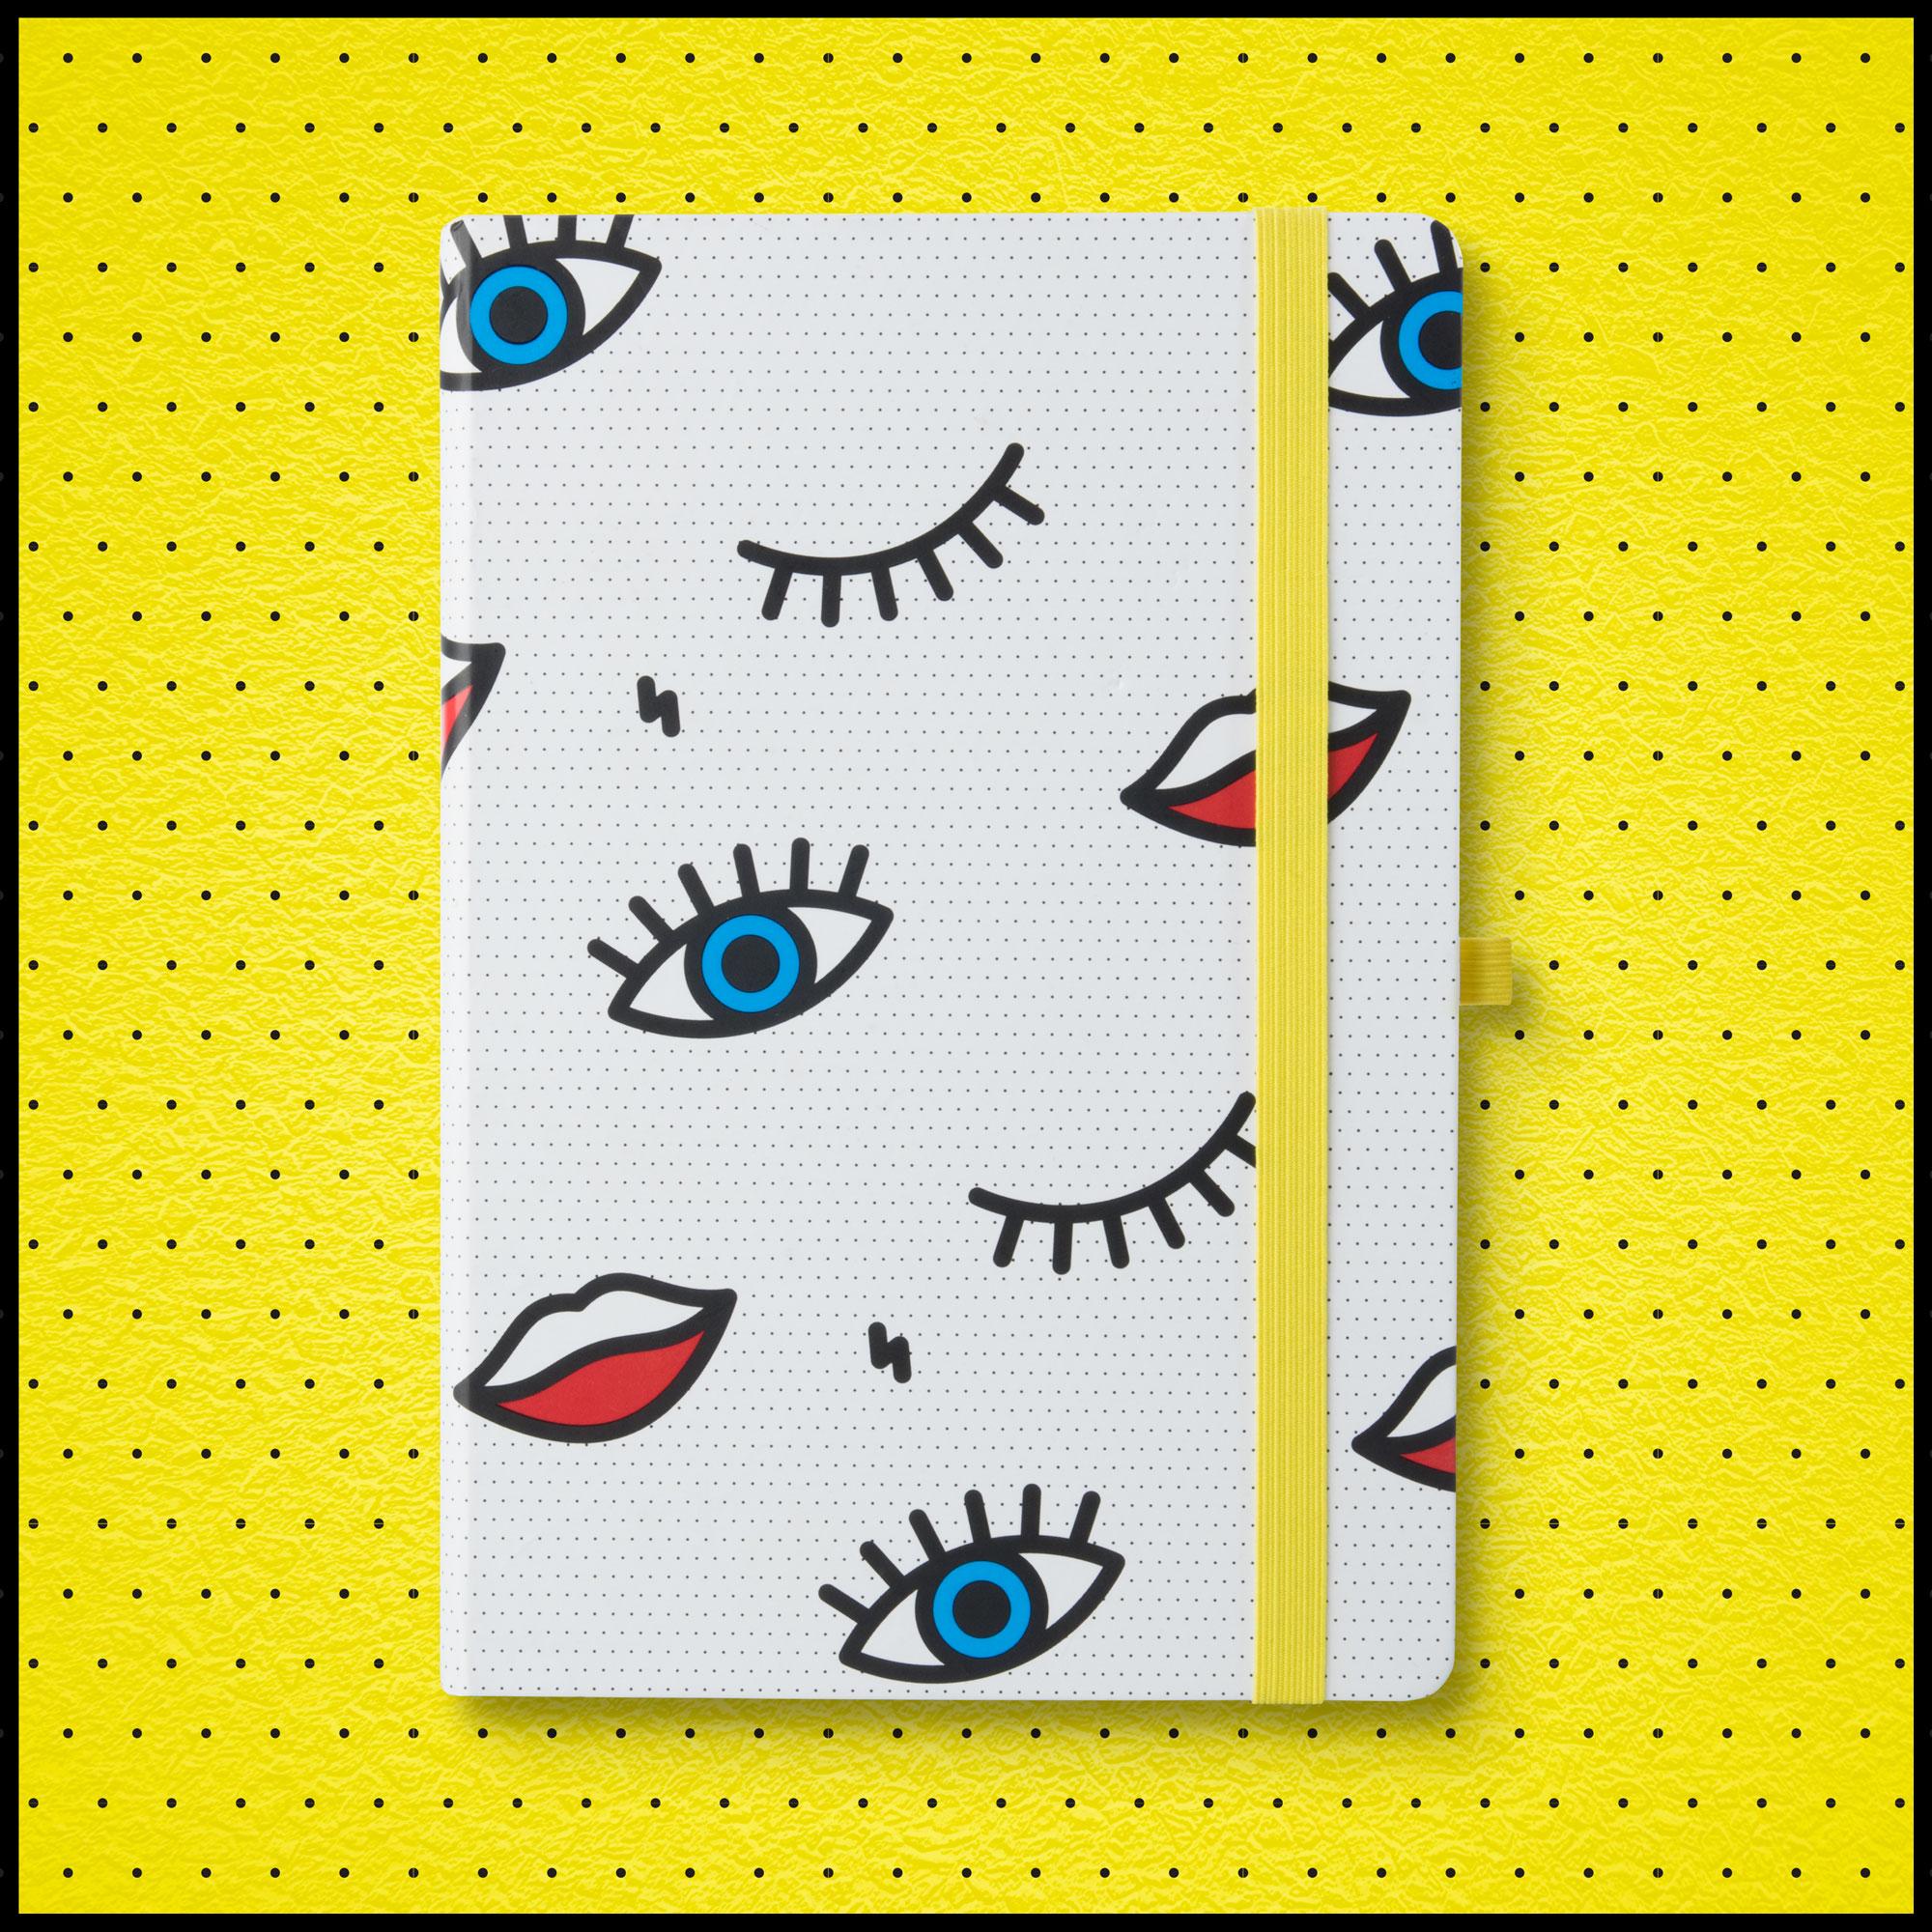 Wink Notebook from justmustard.com